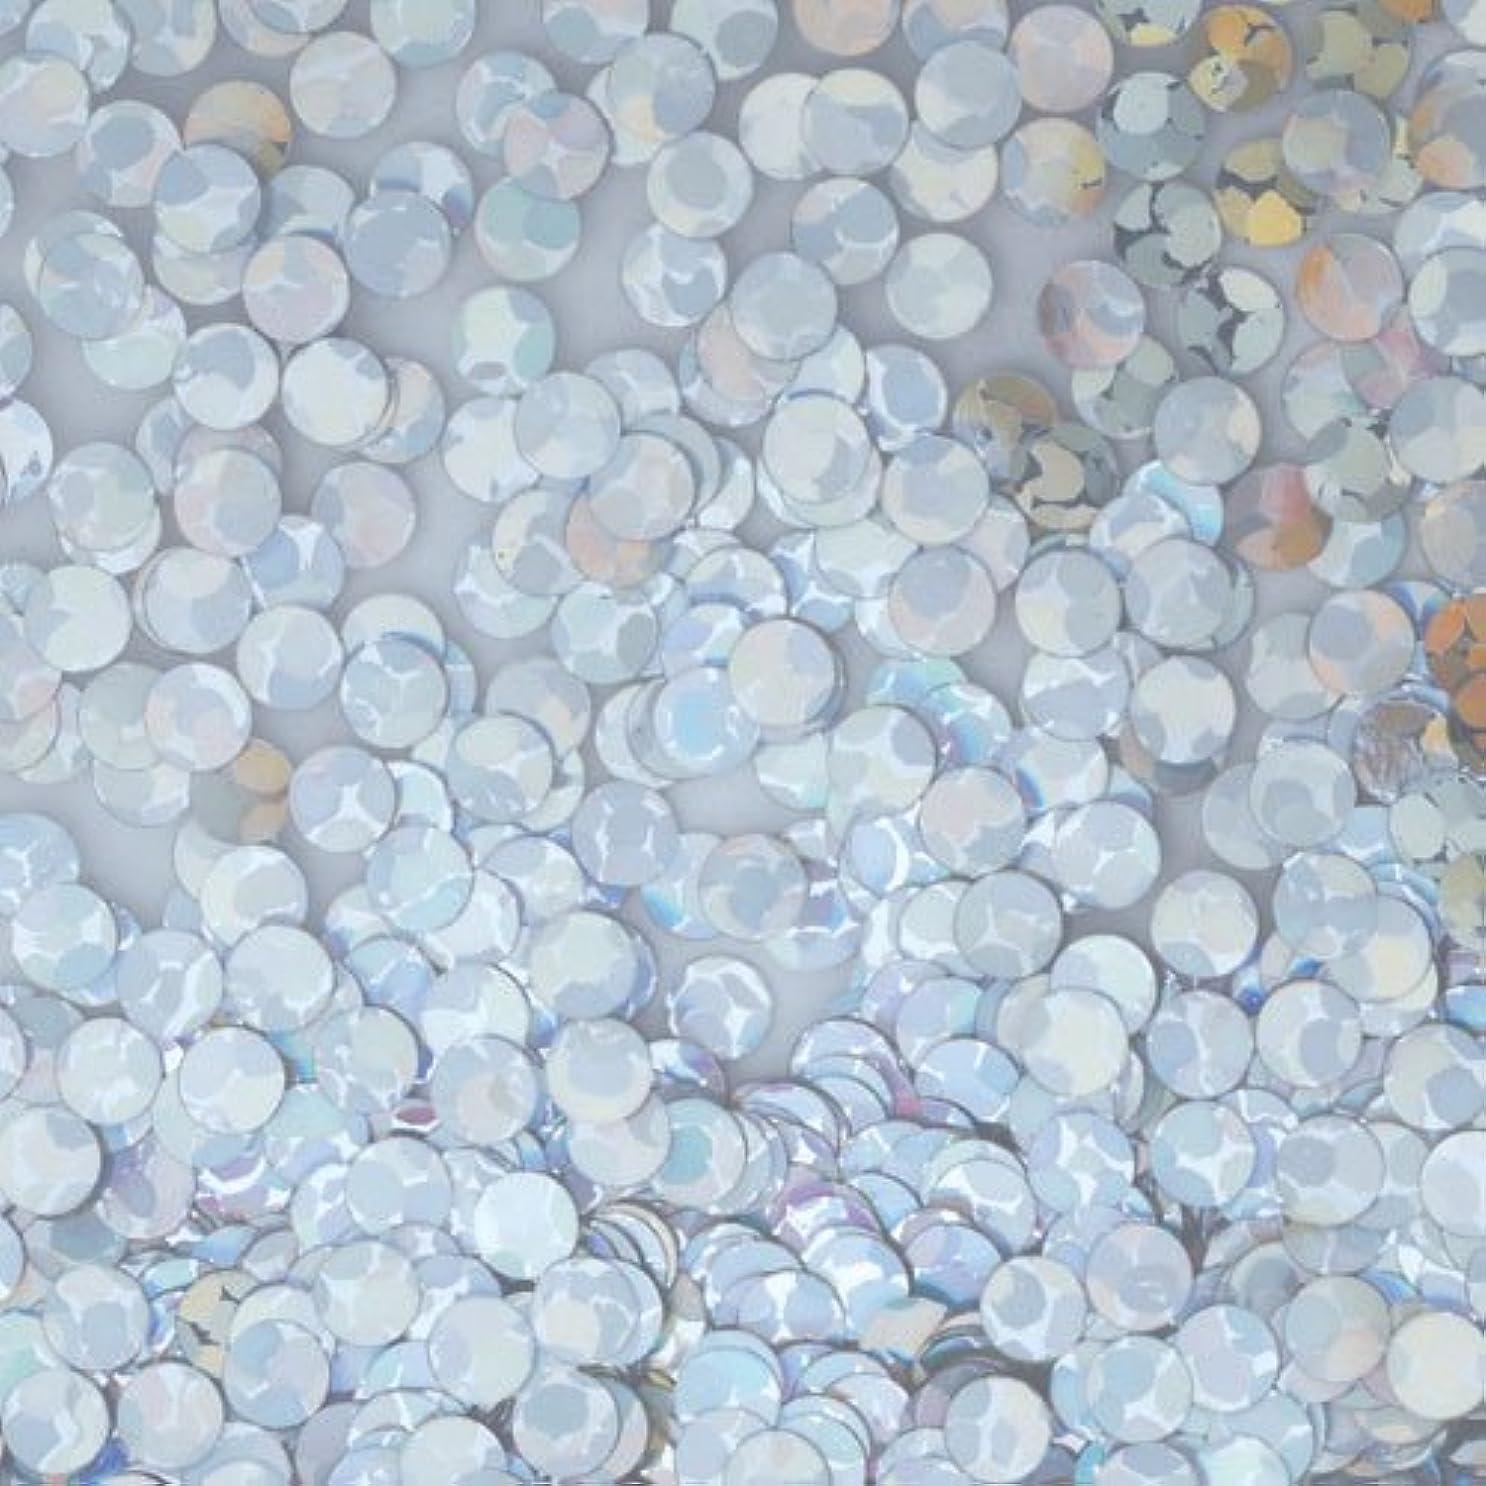 ムスタチオモックサイトピカエース ネイルアート 丸ホロ 1mm #872 シルバー 0.5g